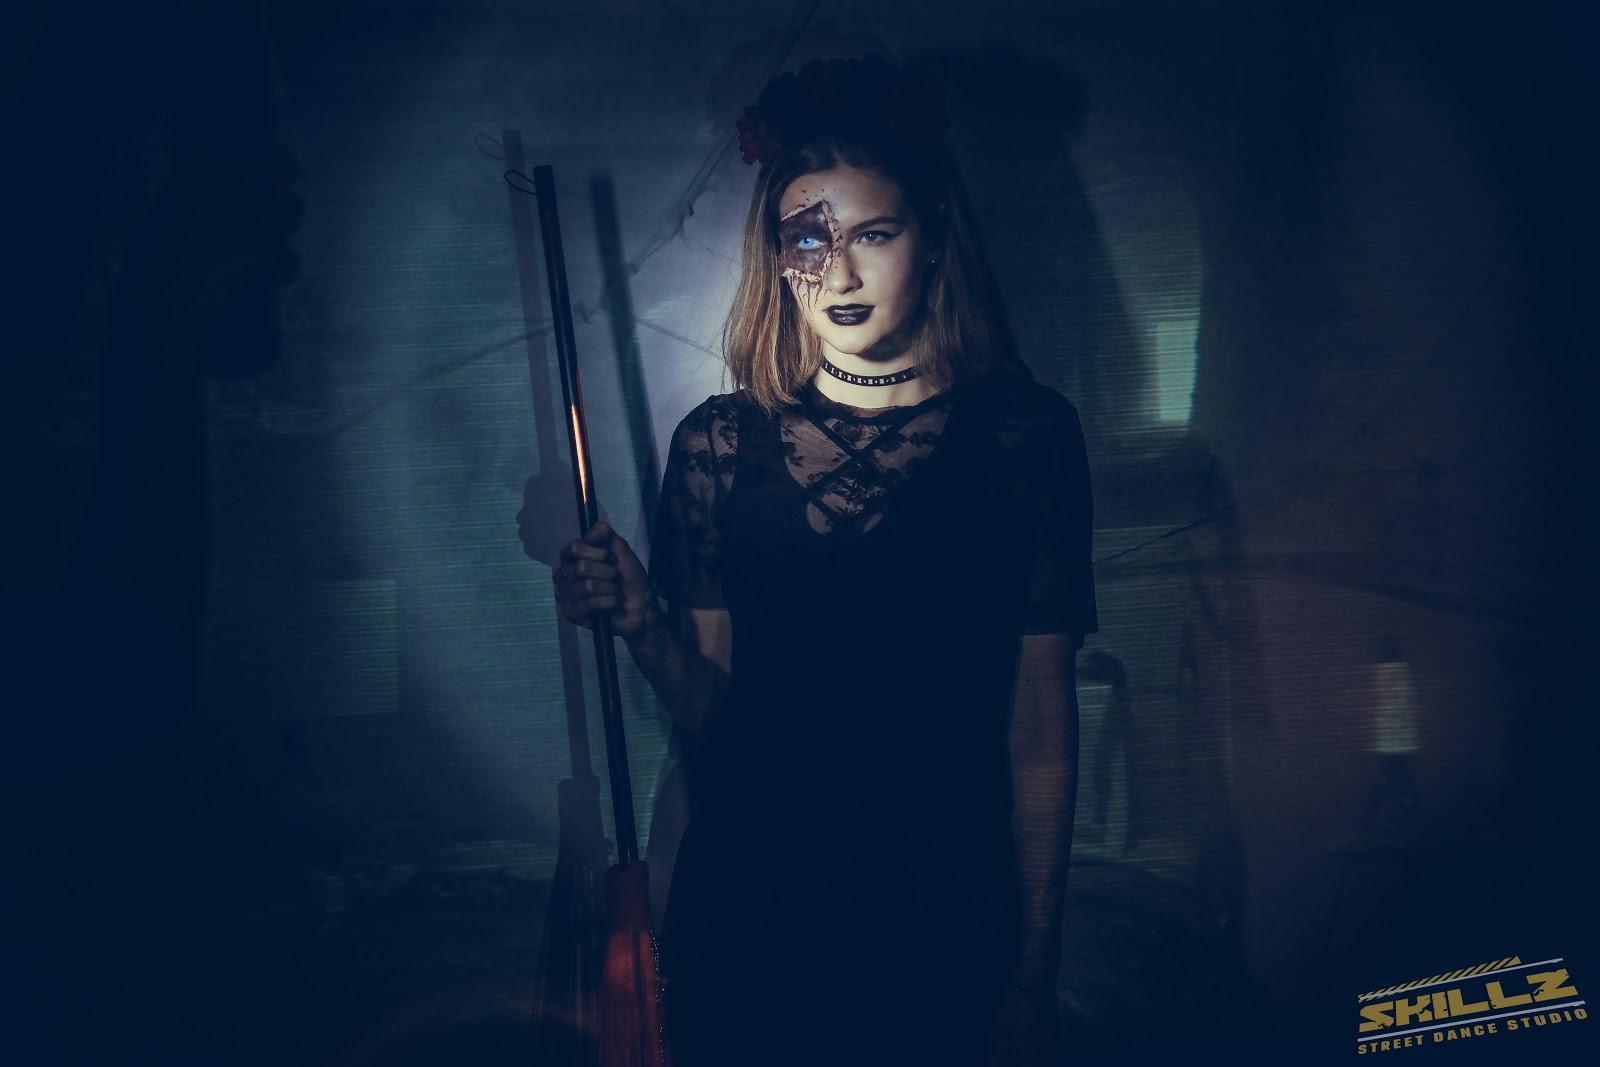 Naujikų krikštynos @SKILLZ (Halloween tema) - PANA1775.jpg